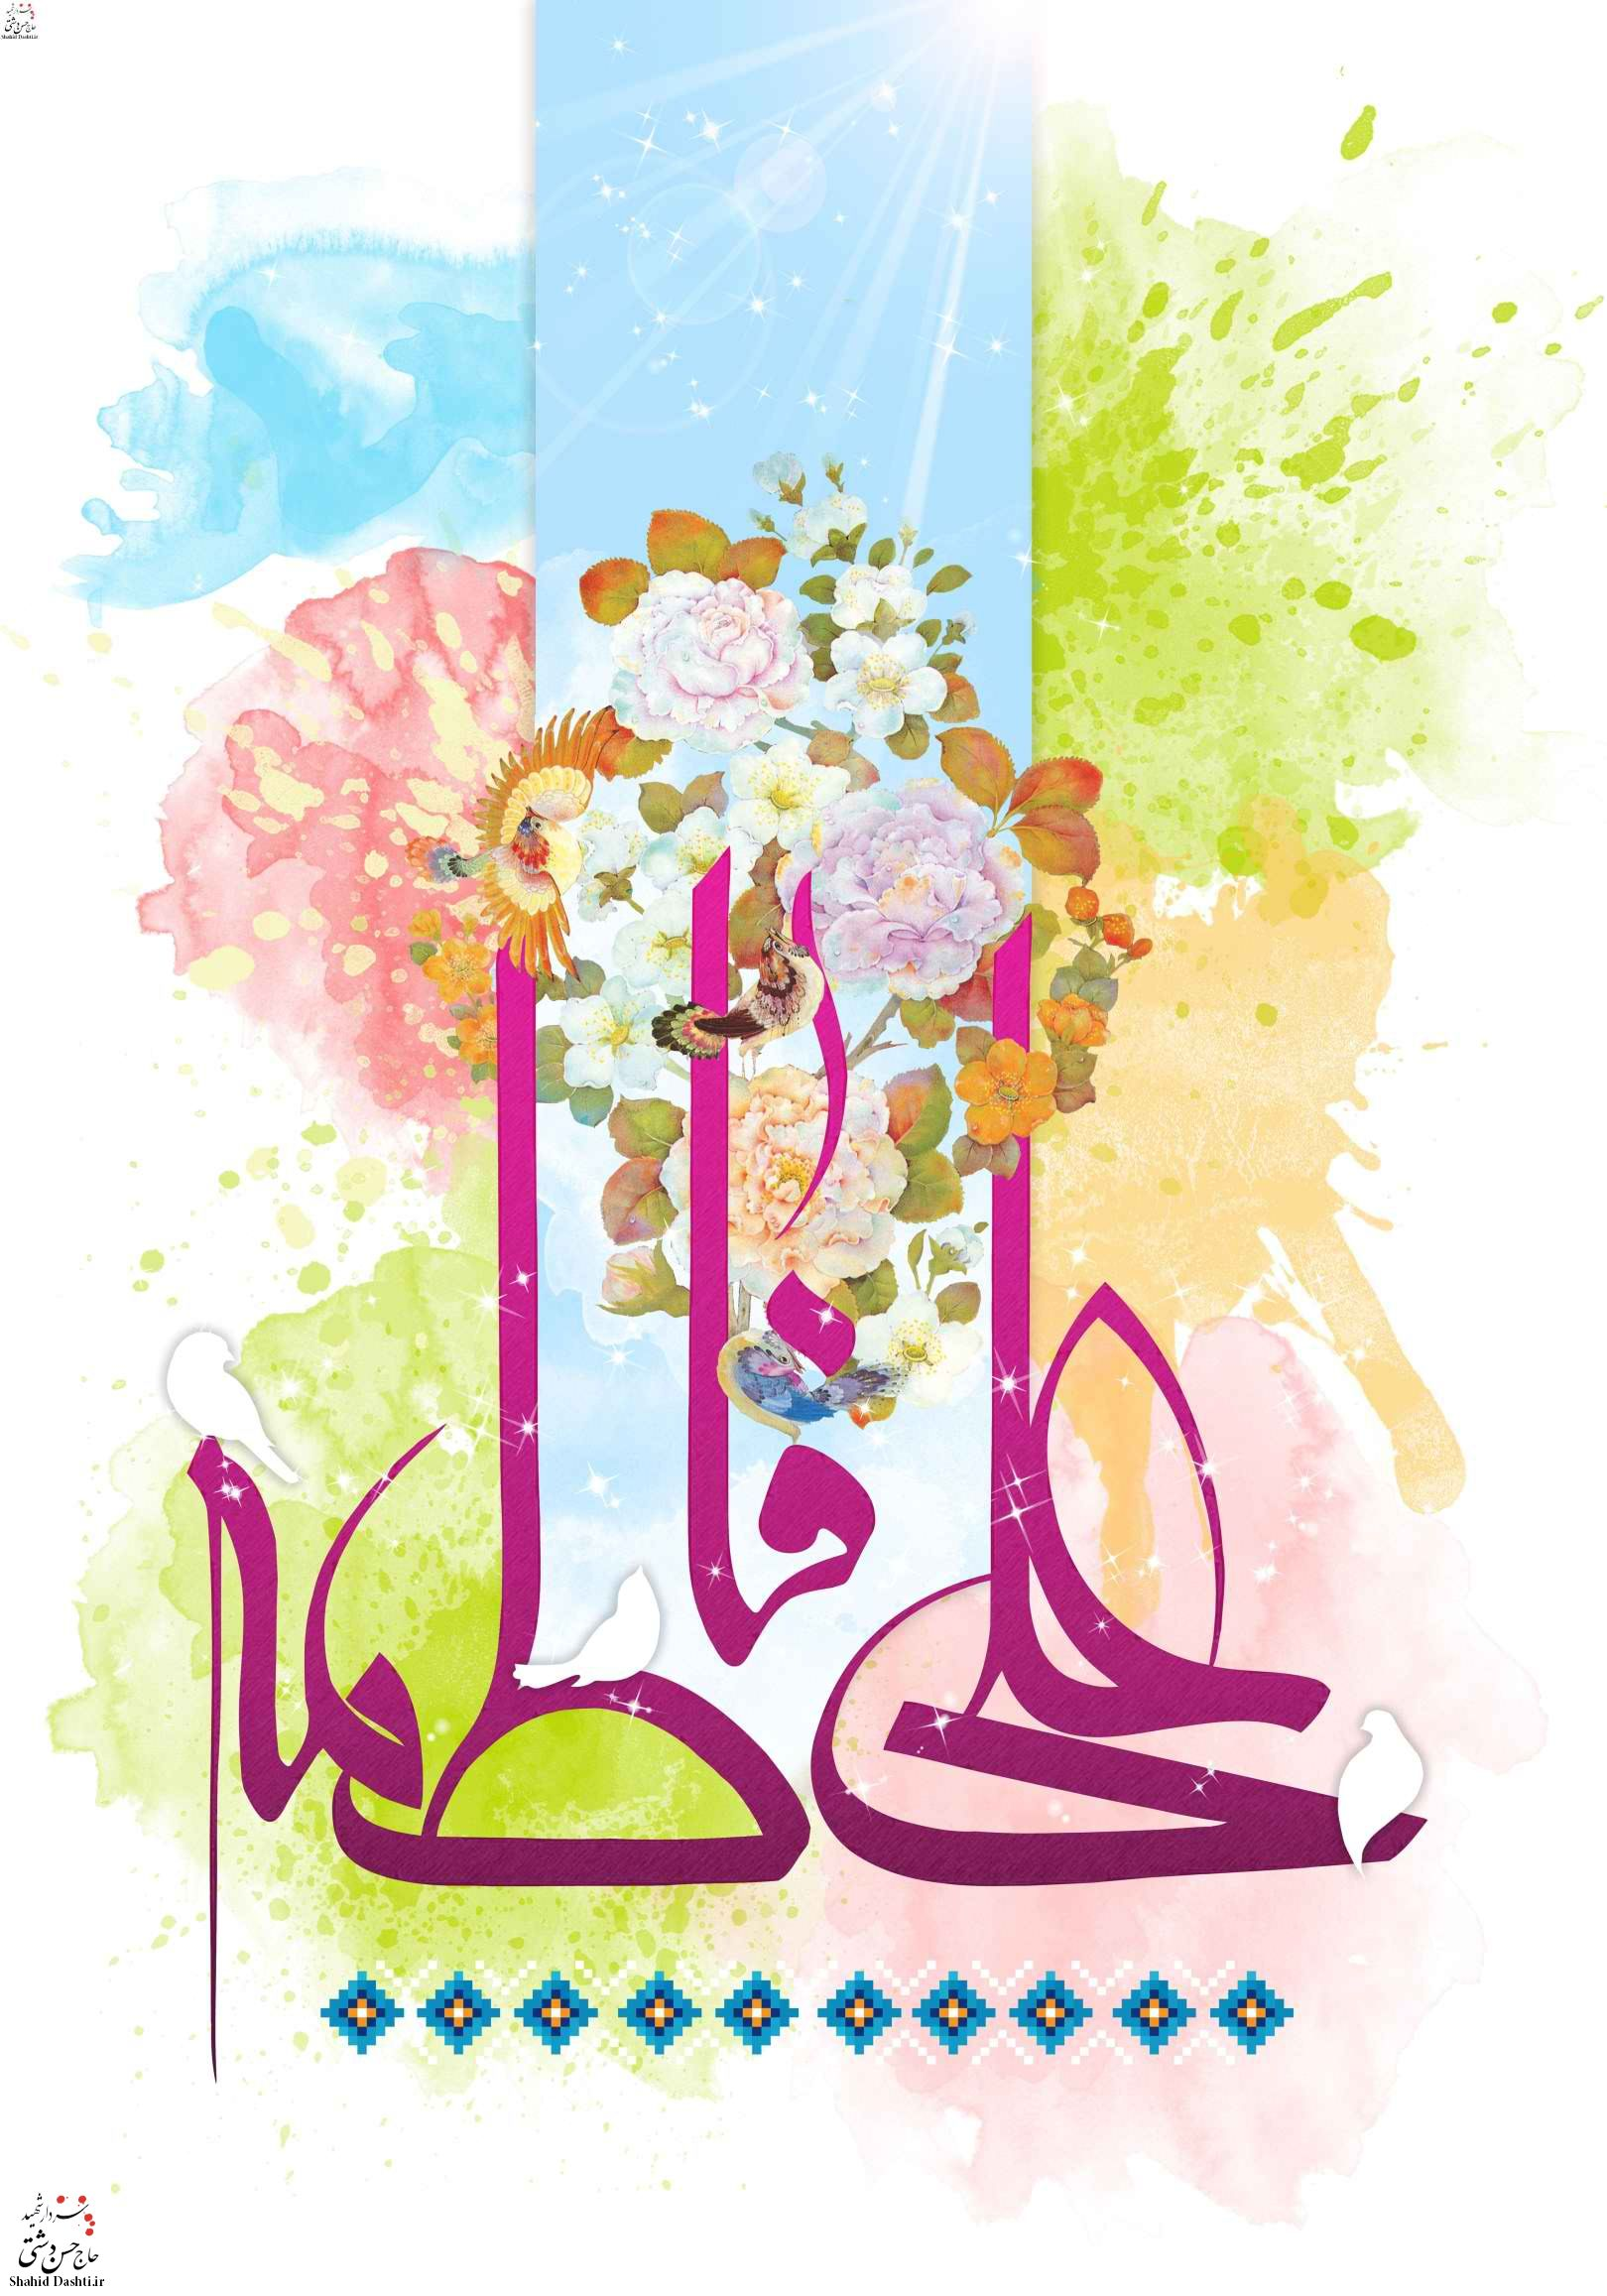 سالروز ازدواج حضرت علی و فاطمه زهرا(س) مبارک باد + عکس